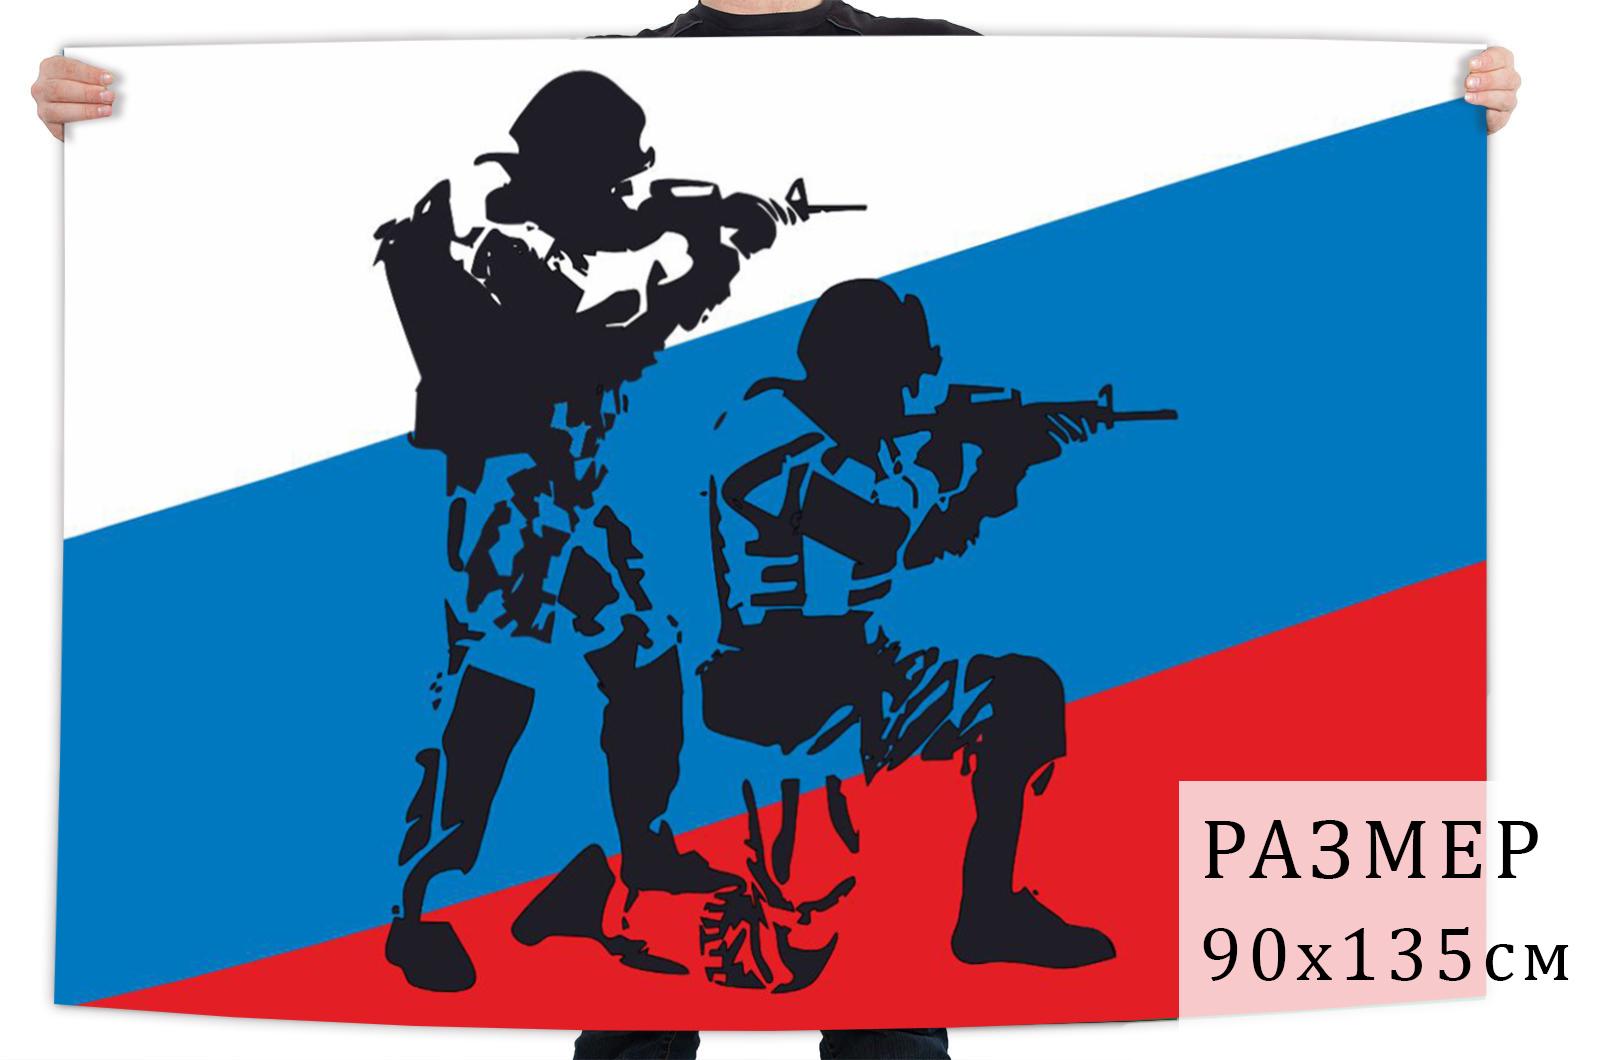 Флаг Триколор с изображением бойцов Национальной гвардии